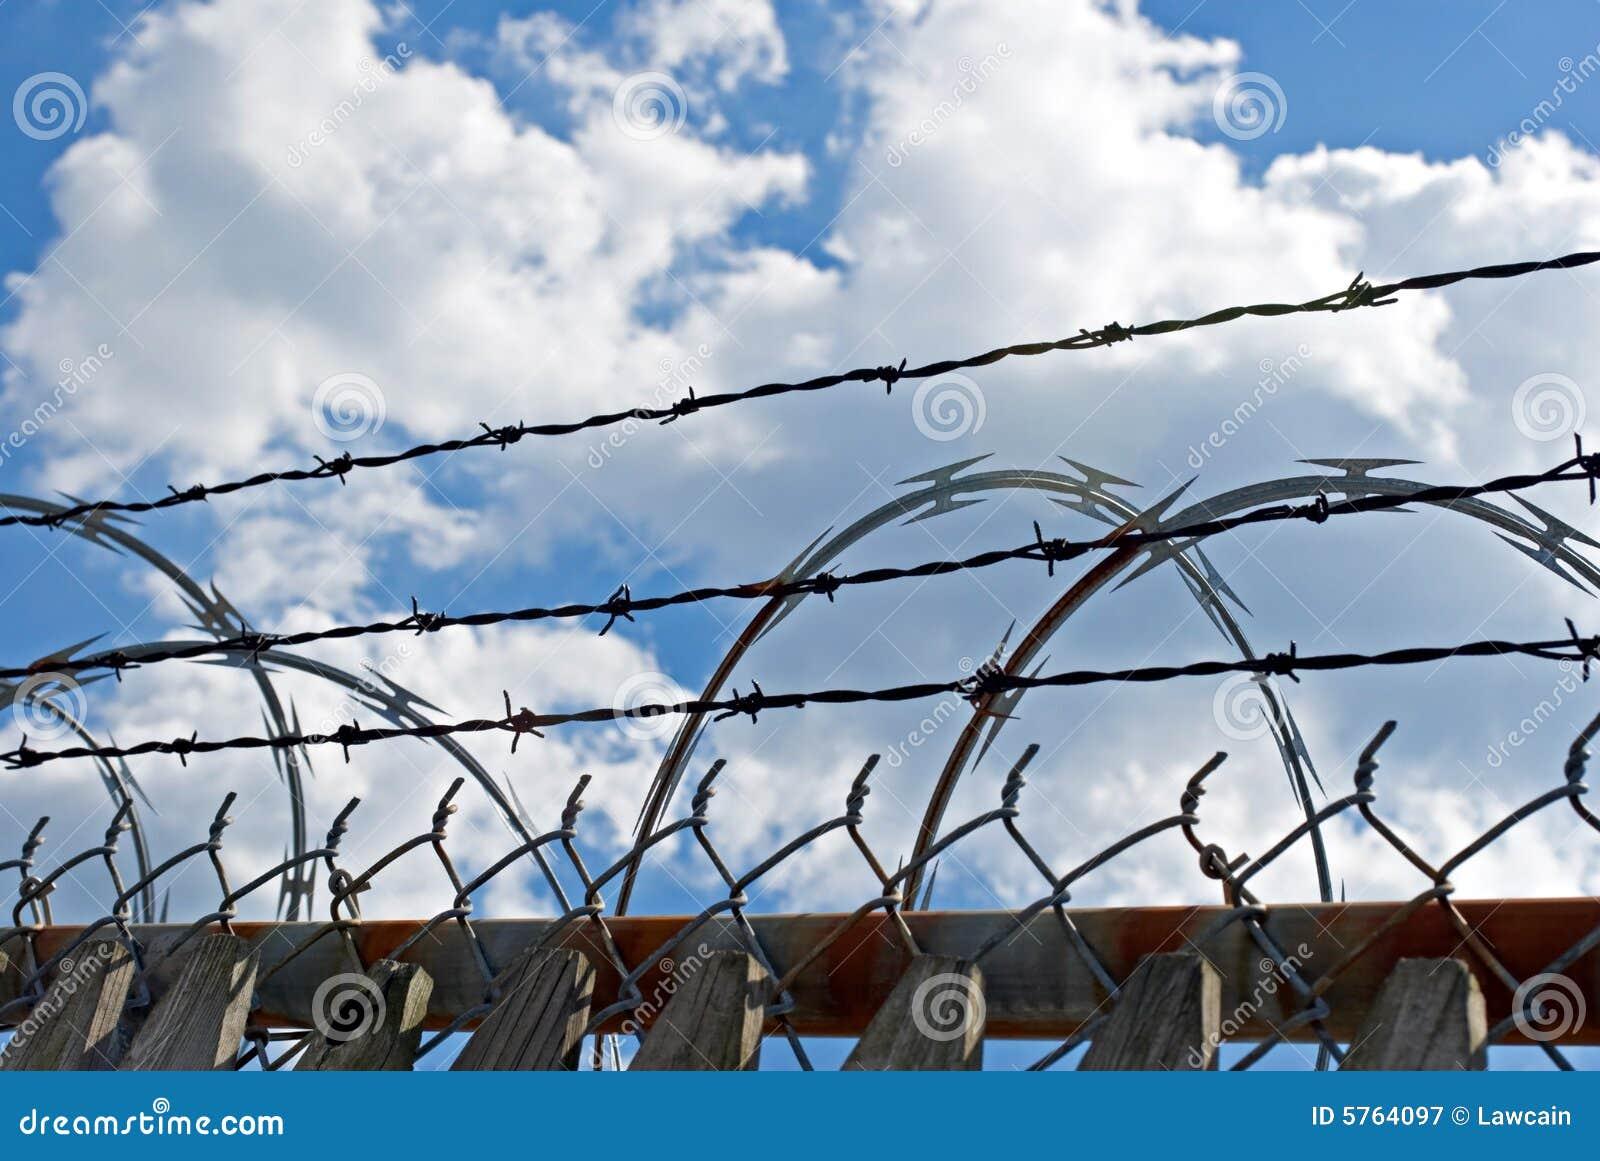 Barrières multiples